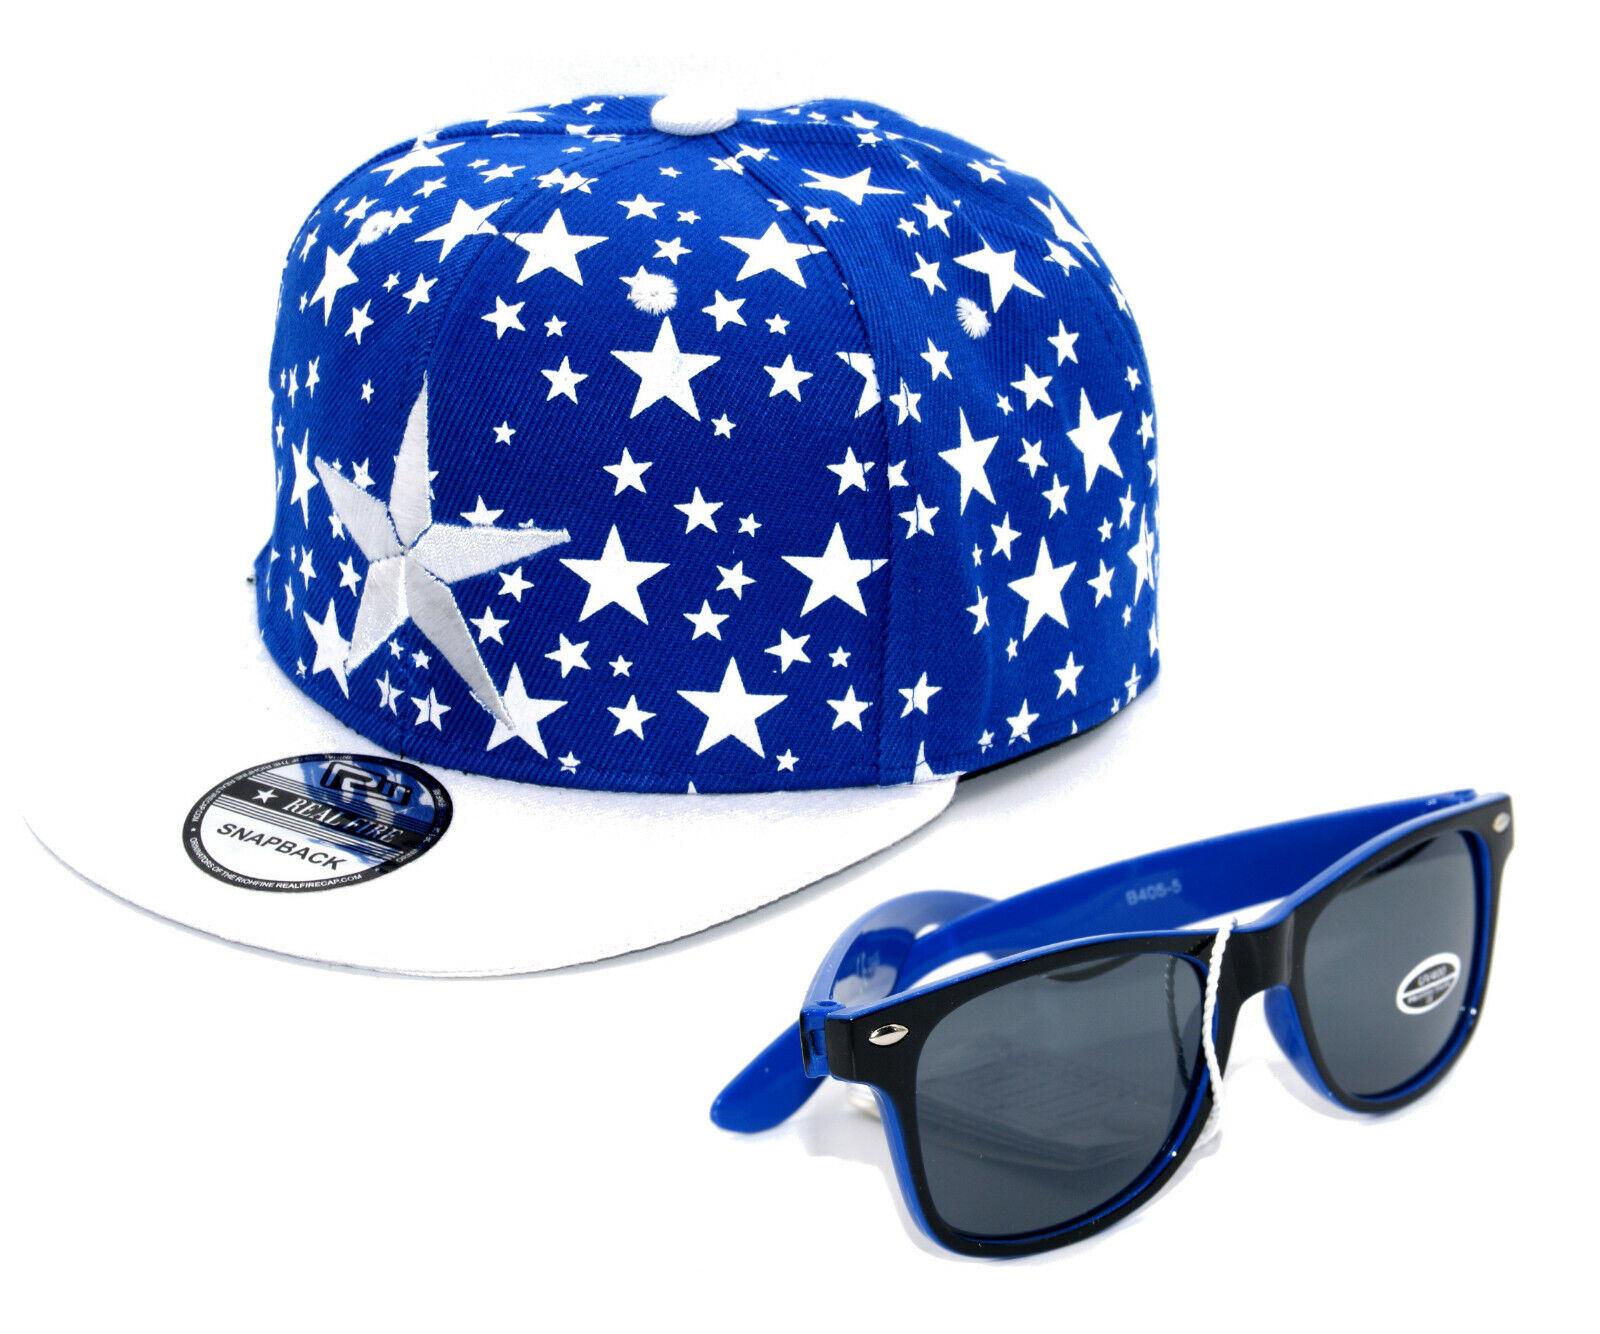 SET Cappy + Sonnenbrille Kinder Junge Jungs Kappe Mütze Snapback Cap Sterne blau